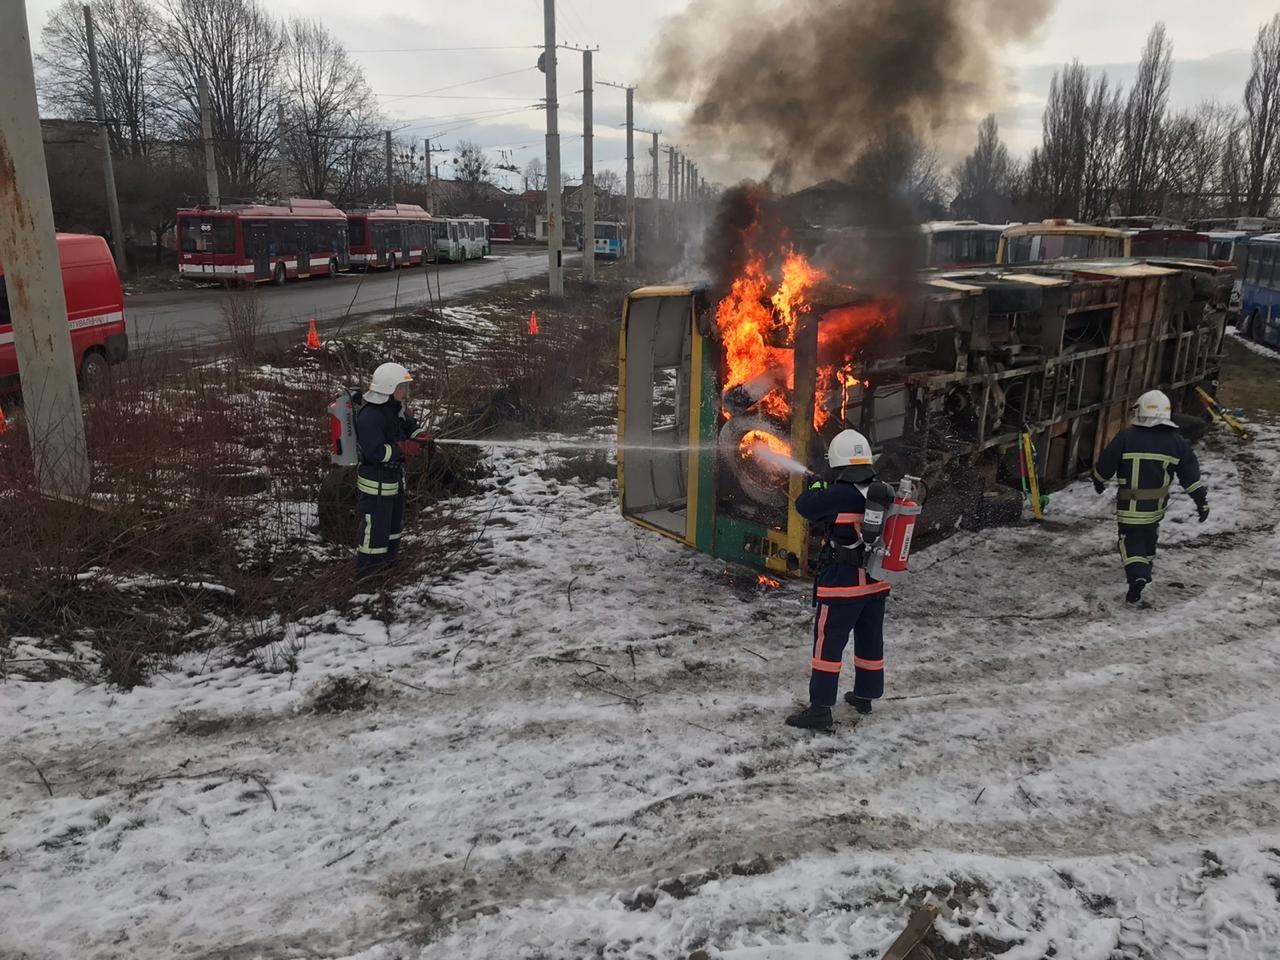 Франківські надзвичайники вчилися рятувати людей з палаючого автобуса (ФОТО), фото-3